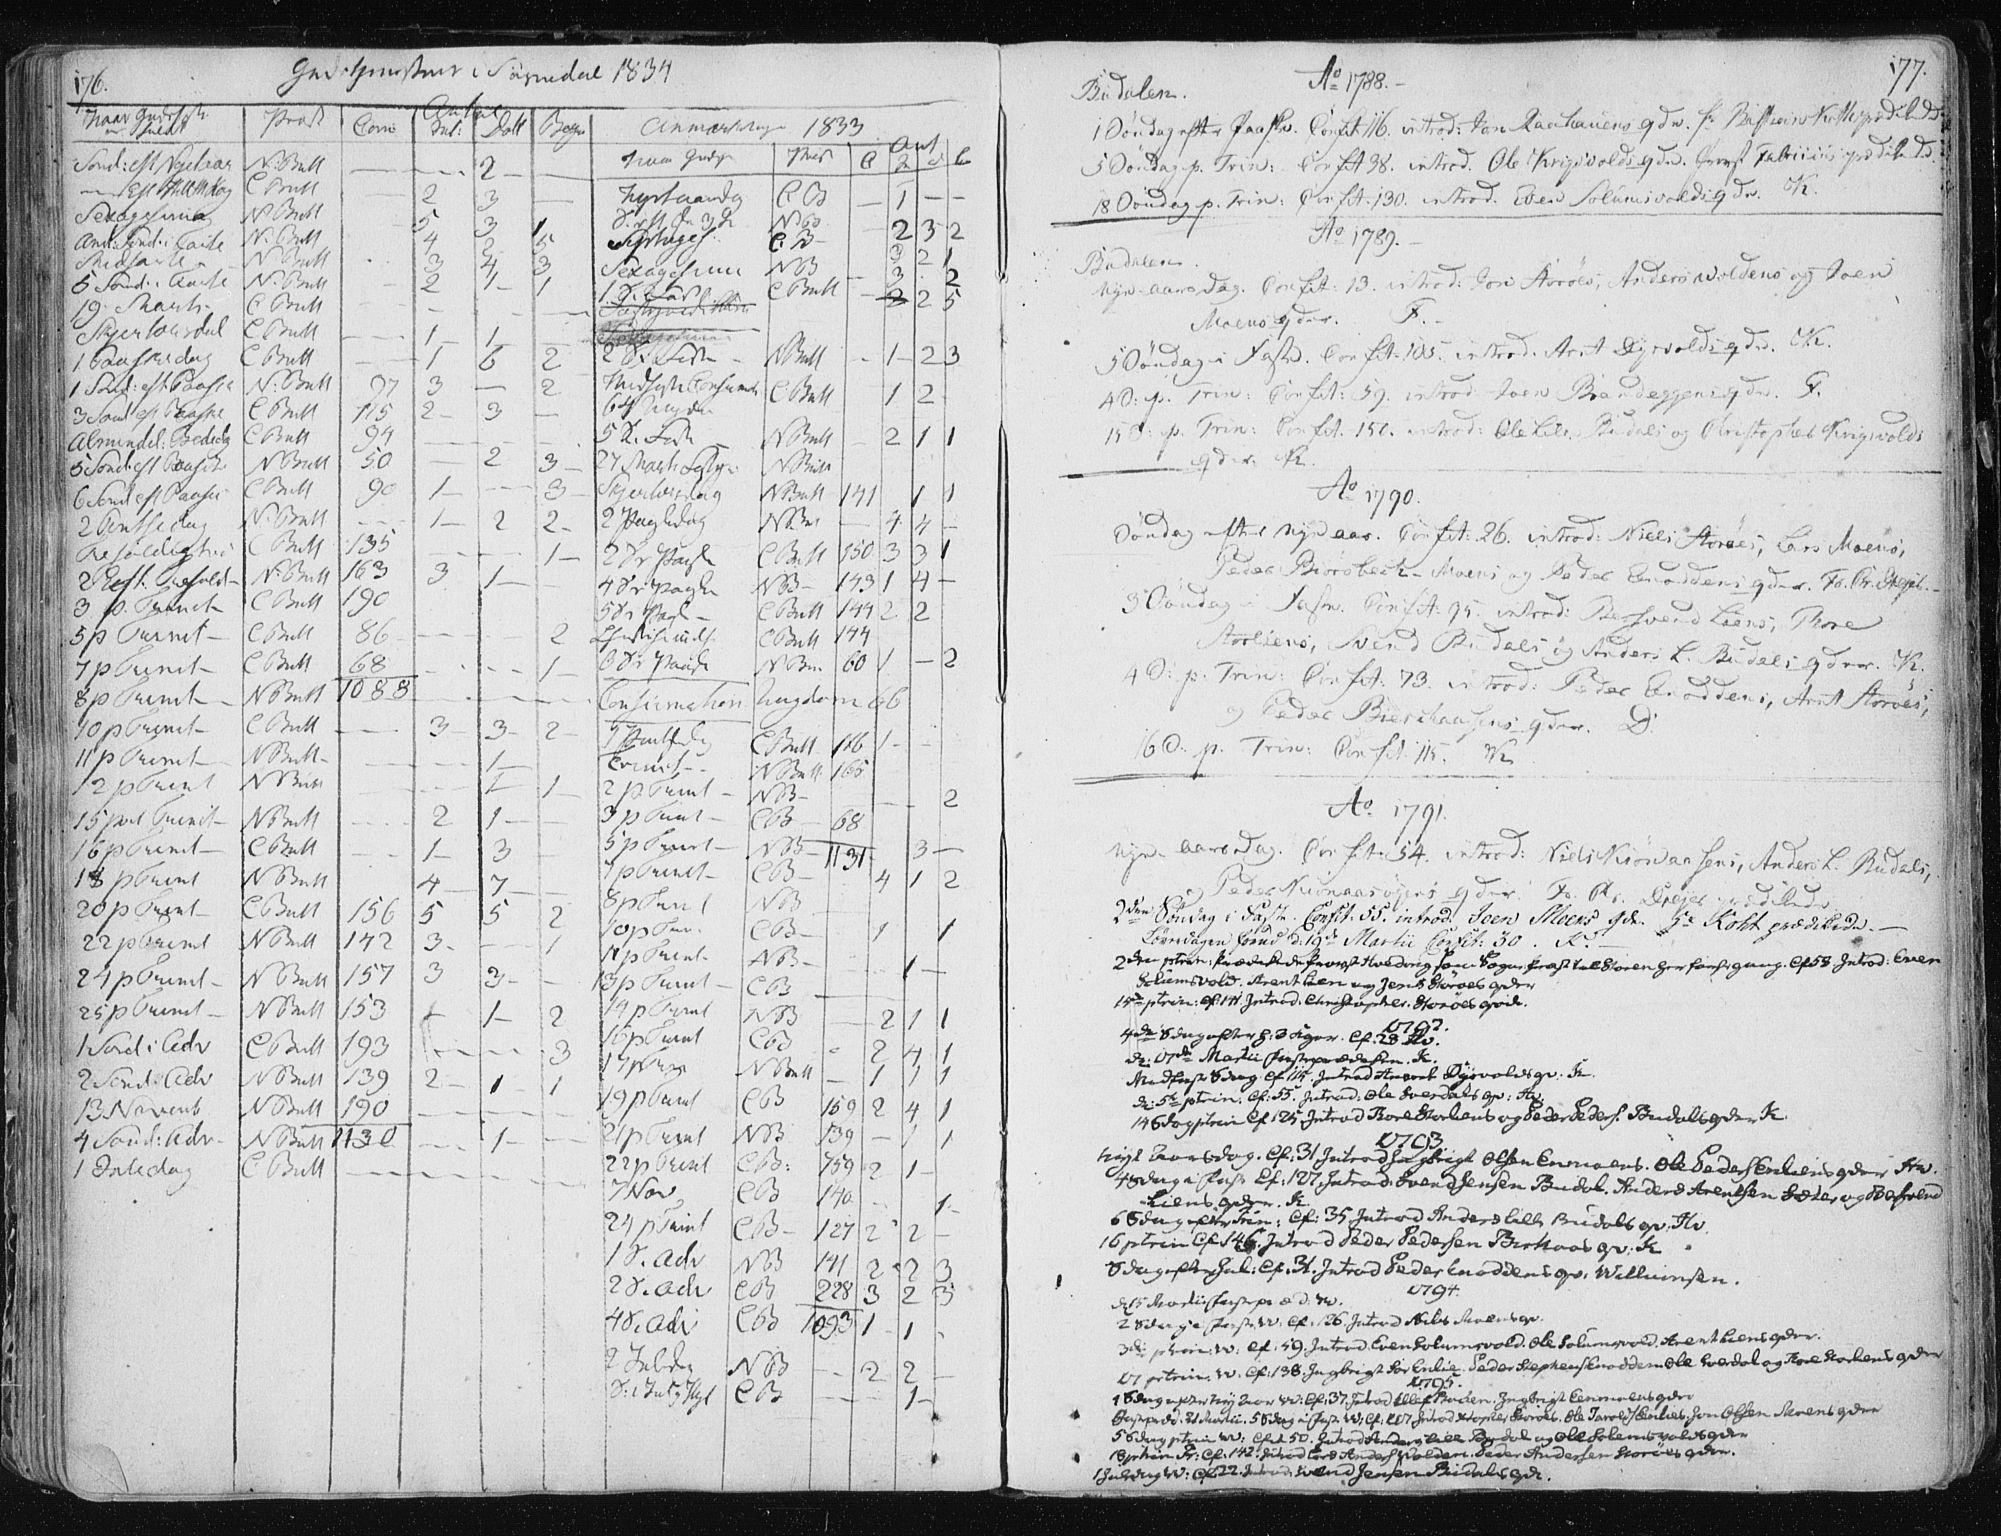 SAT, Ministerialprotokoller, klokkerbøker og fødselsregistre - Sør-Trøndelag, 687/L0994: Ministerialbok nr. 687A03 /3, 1788-1815, s. 176-177